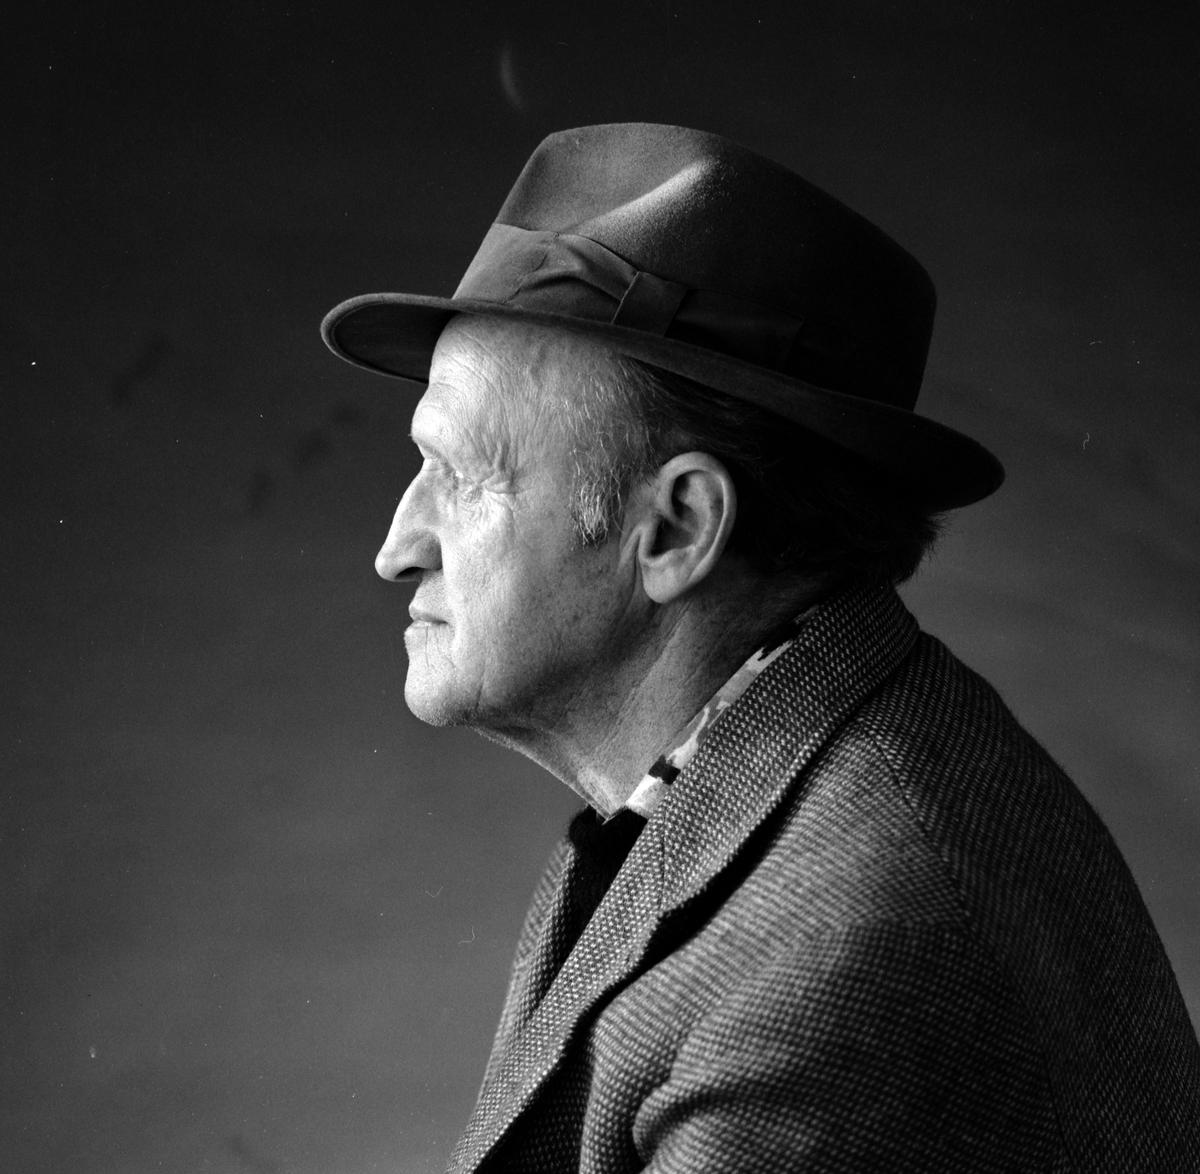 Guttorm P. Haugen, portrett. Forfatter, maler.